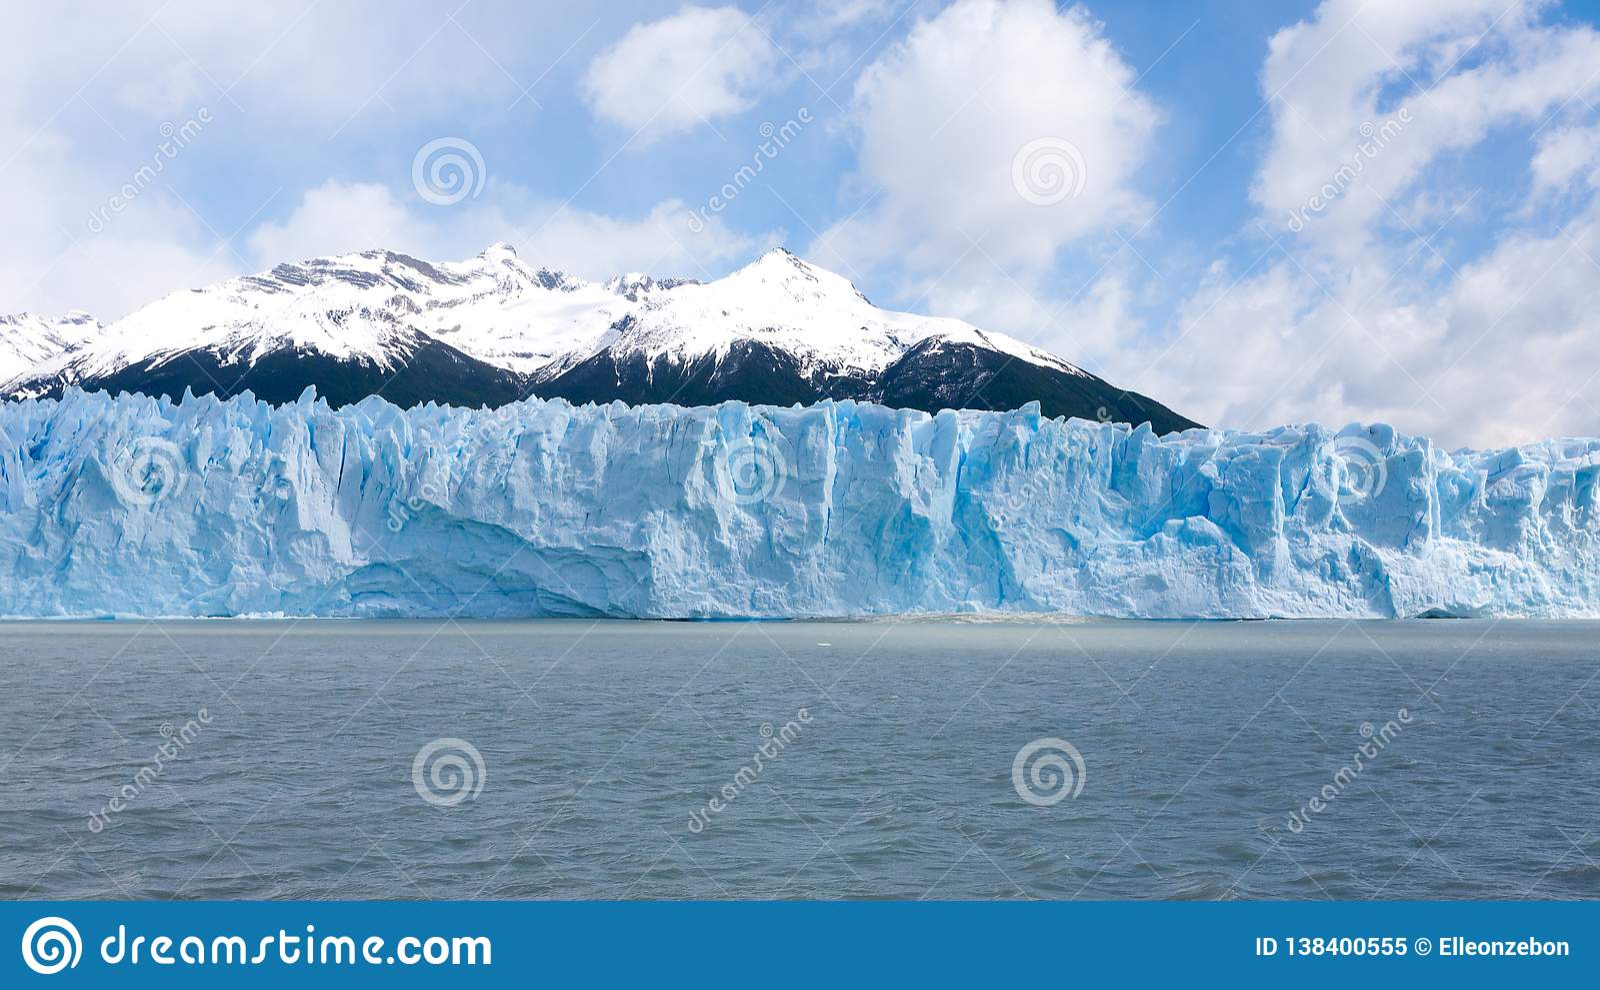 佩里托莫雷诺冰川视图,巴塔哥尼亚风景,阿根廷